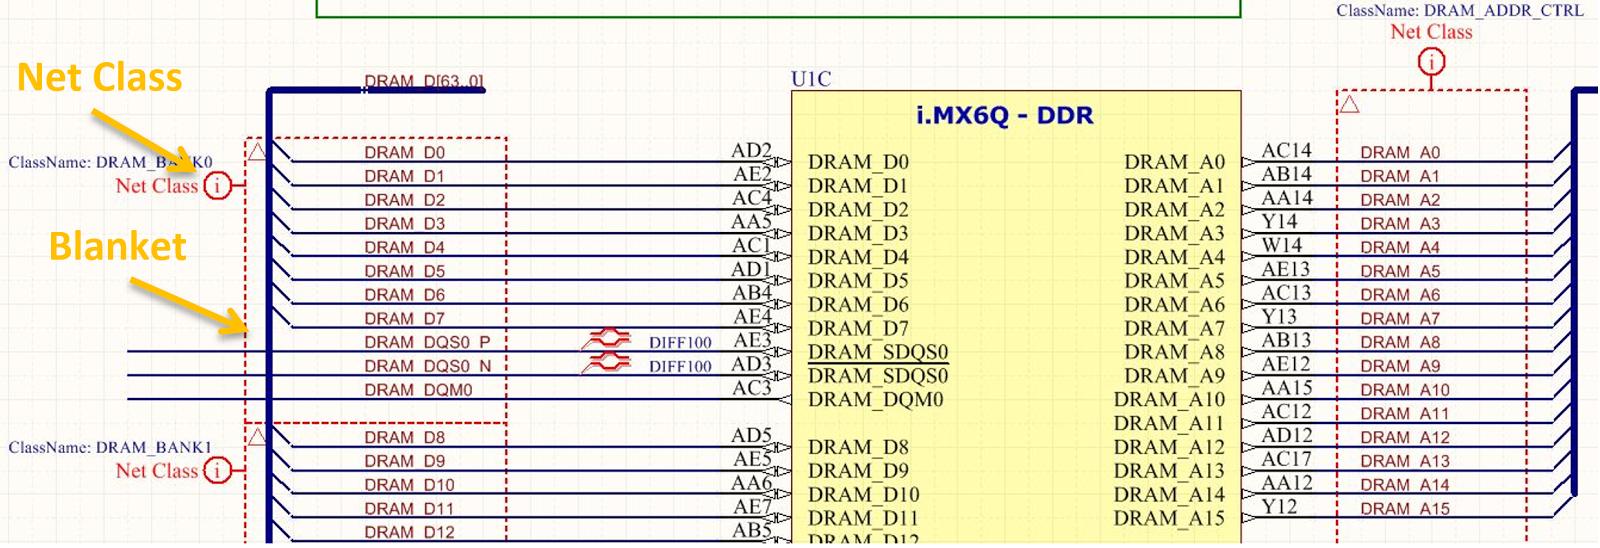 ddr3 memory example tutorial Figure 2 : Les couvertures et les directives PCB sont utilisées pour créer des groupes de classes de réseau pour les directives de routage de la mémoire DDR3